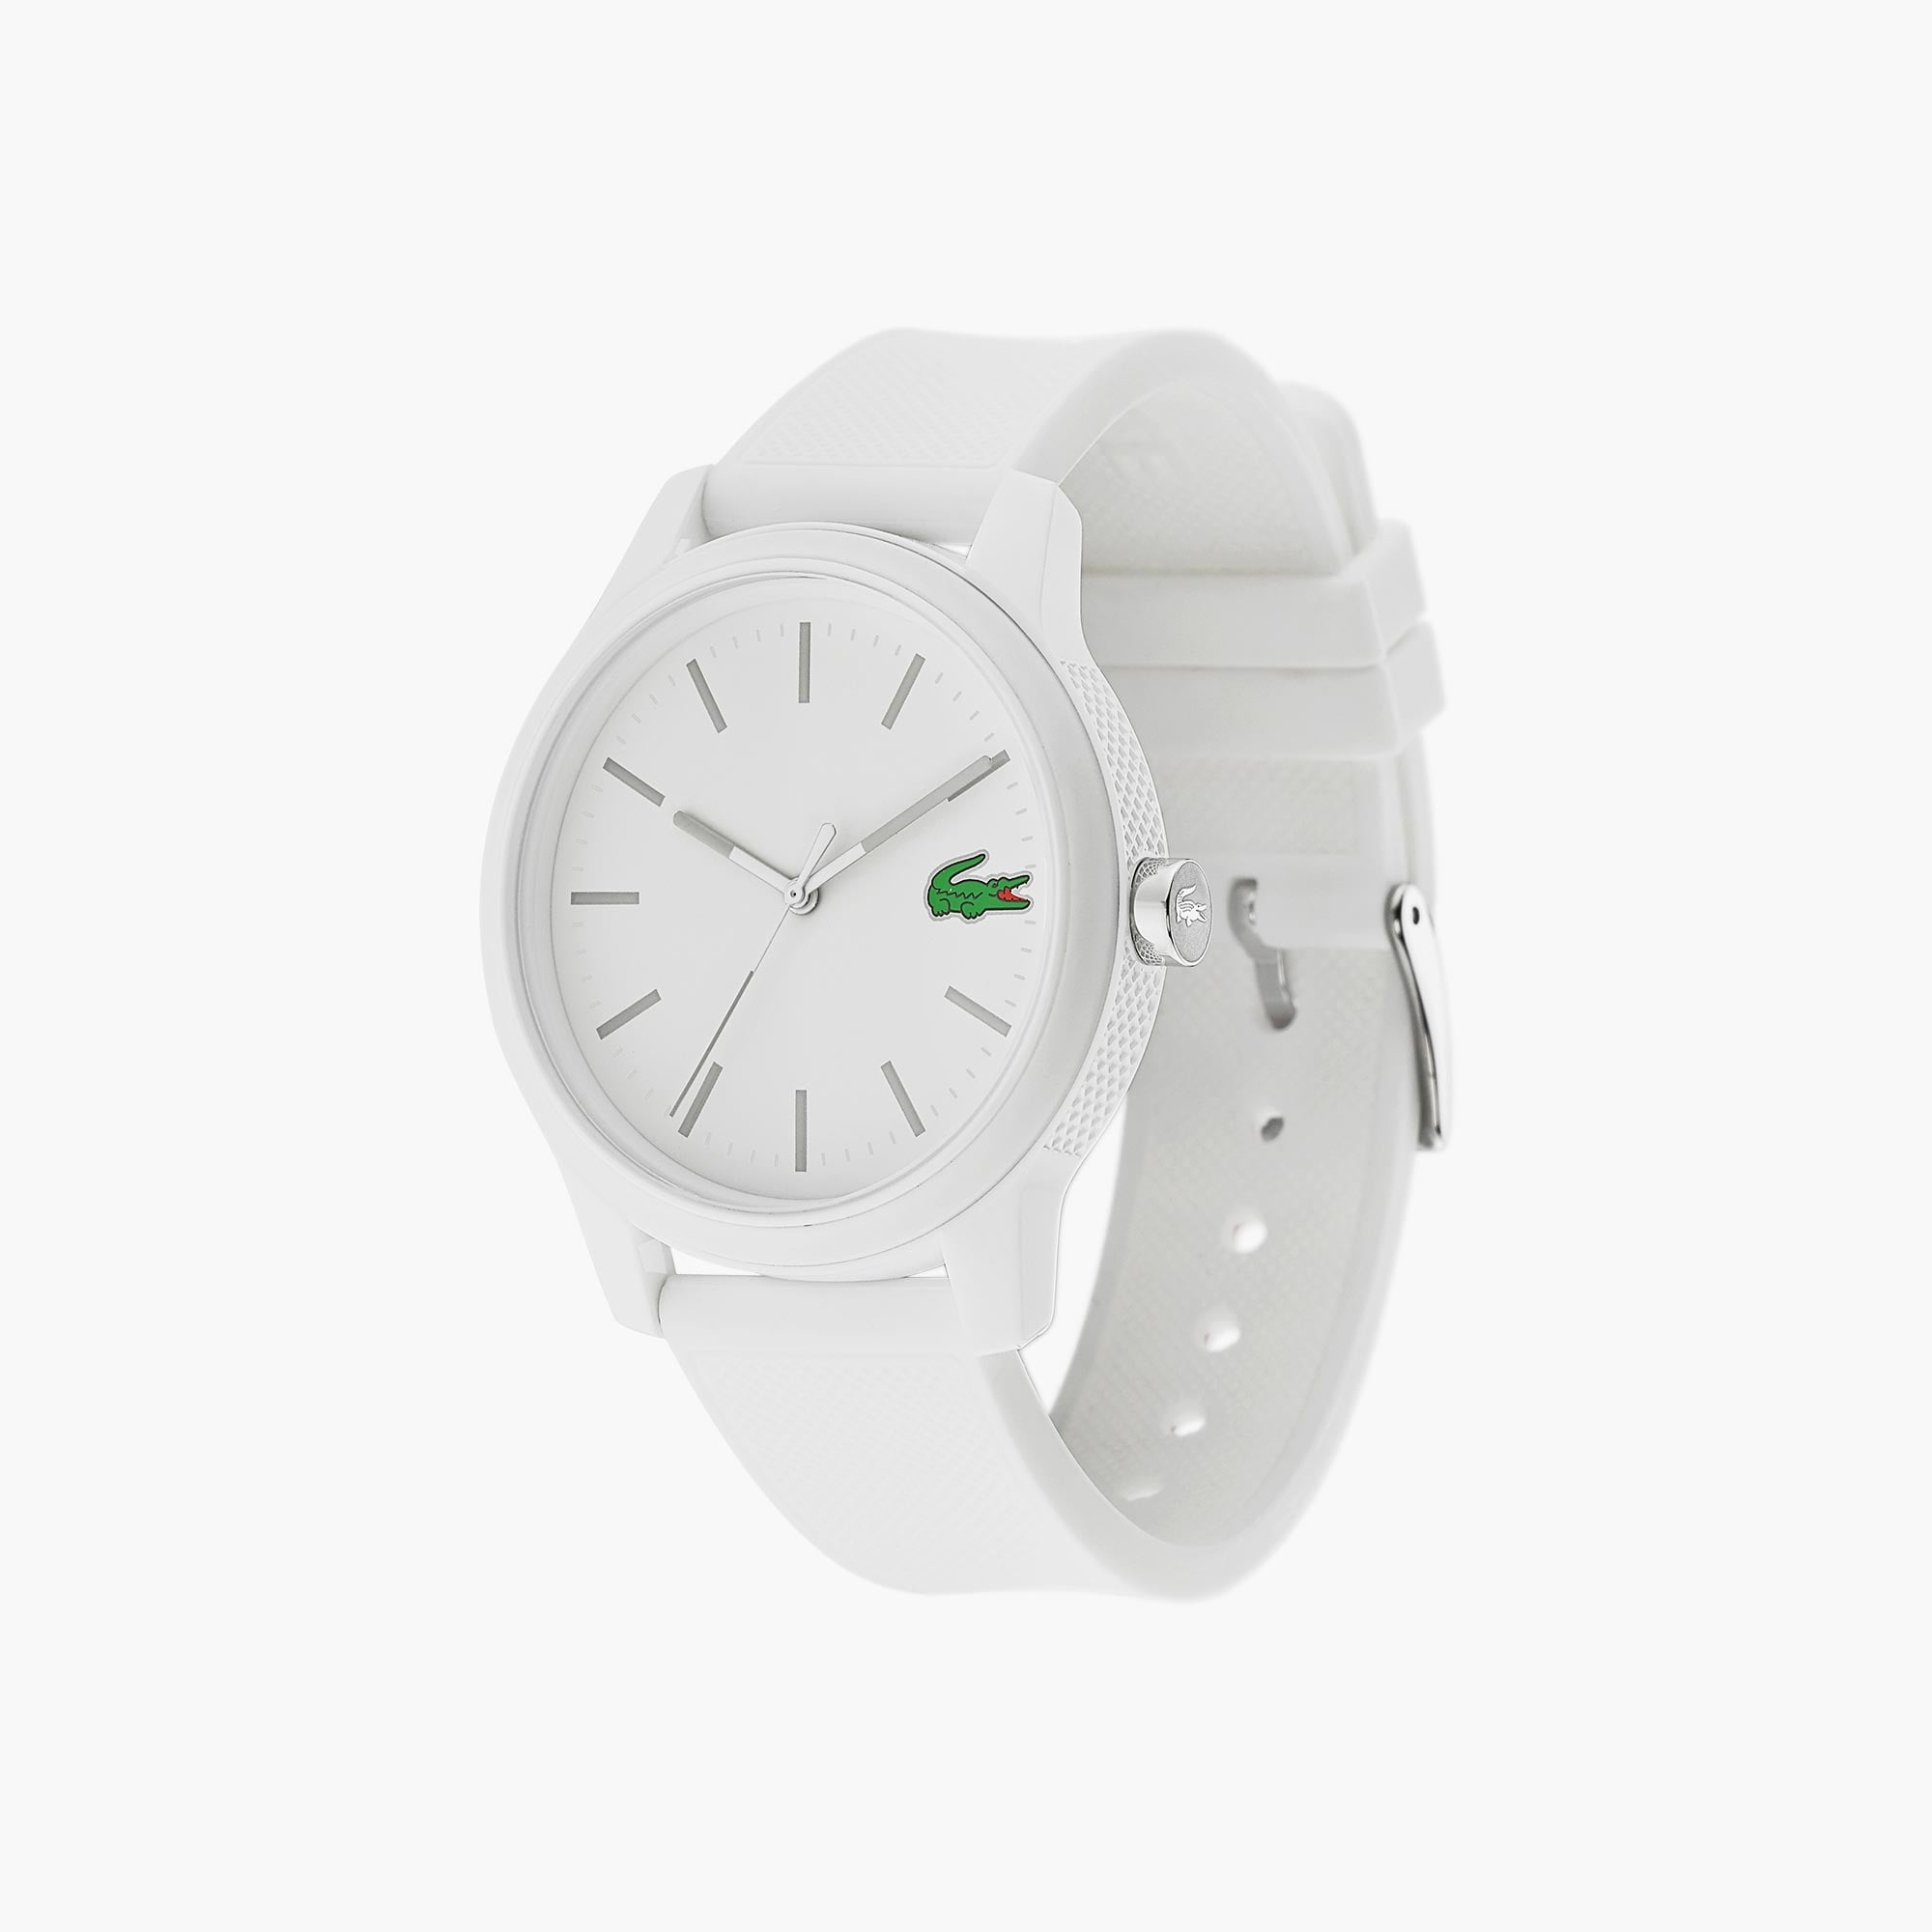 ed804749ae6 Relógio Lacoste 12.12 de homem com bracelete de silicone branca